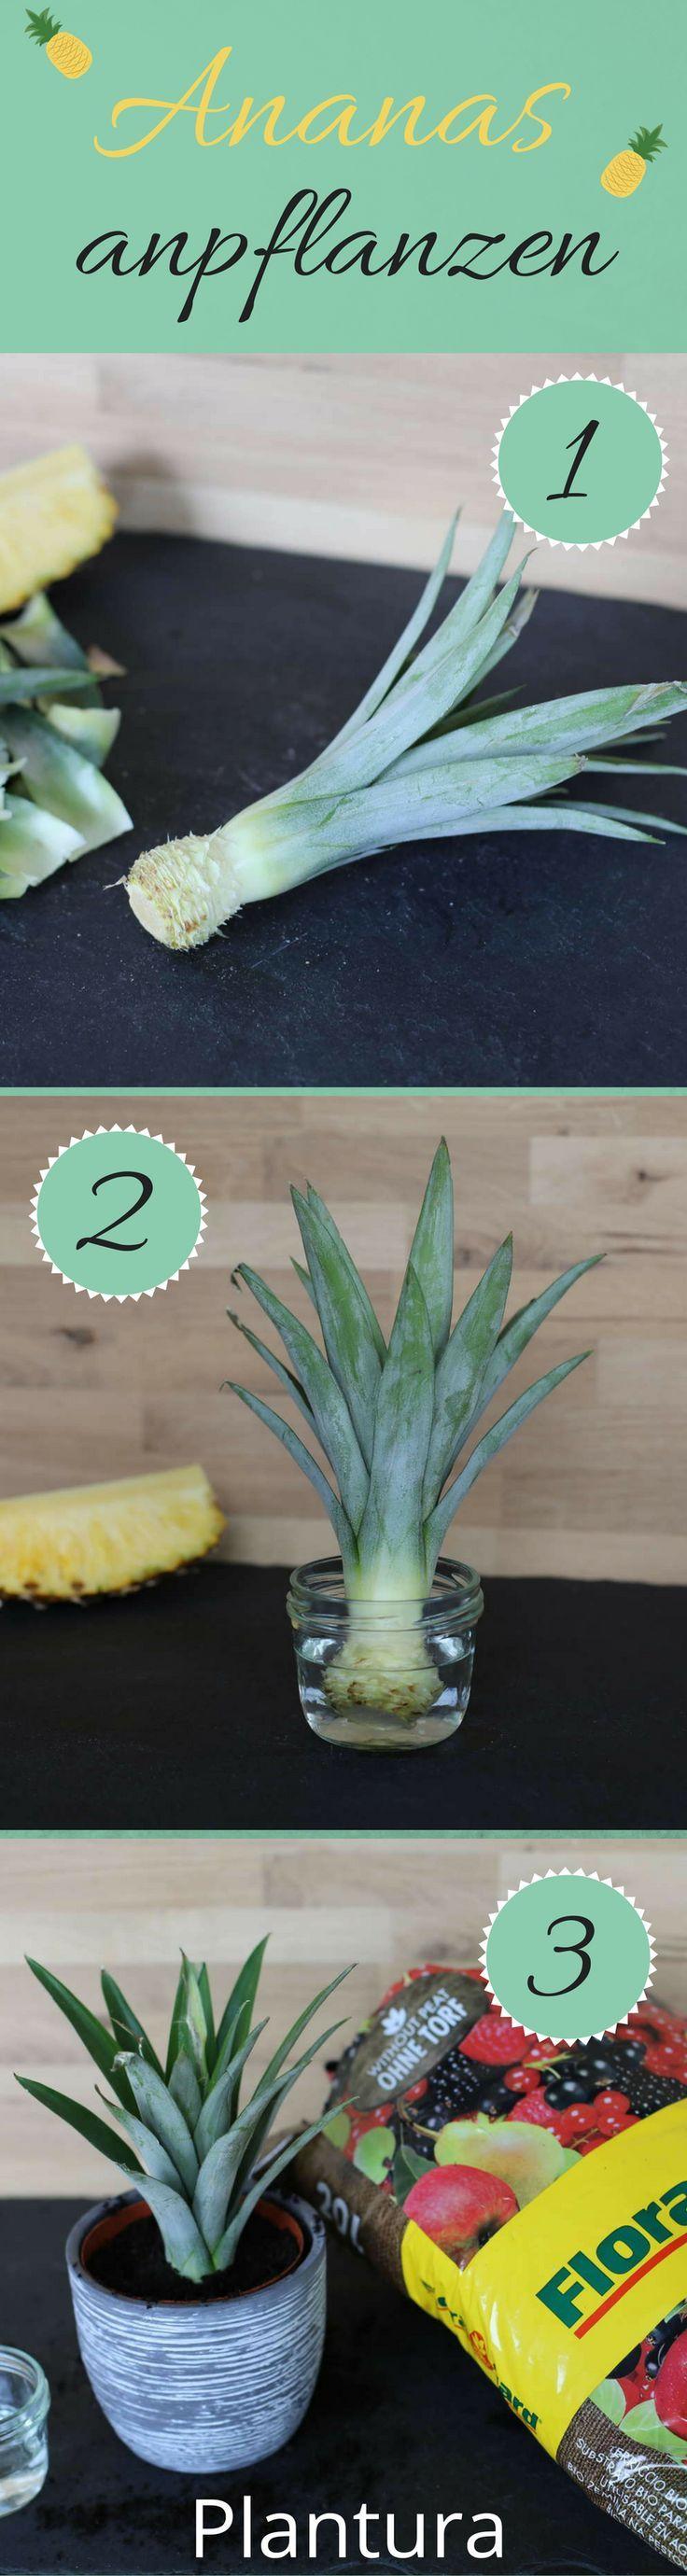 Ananas zuhause aus einem Strunk anpflanzen - so geht es ganz leicht! Eine Anleitung / DIY findet Ihr auf Plantura!